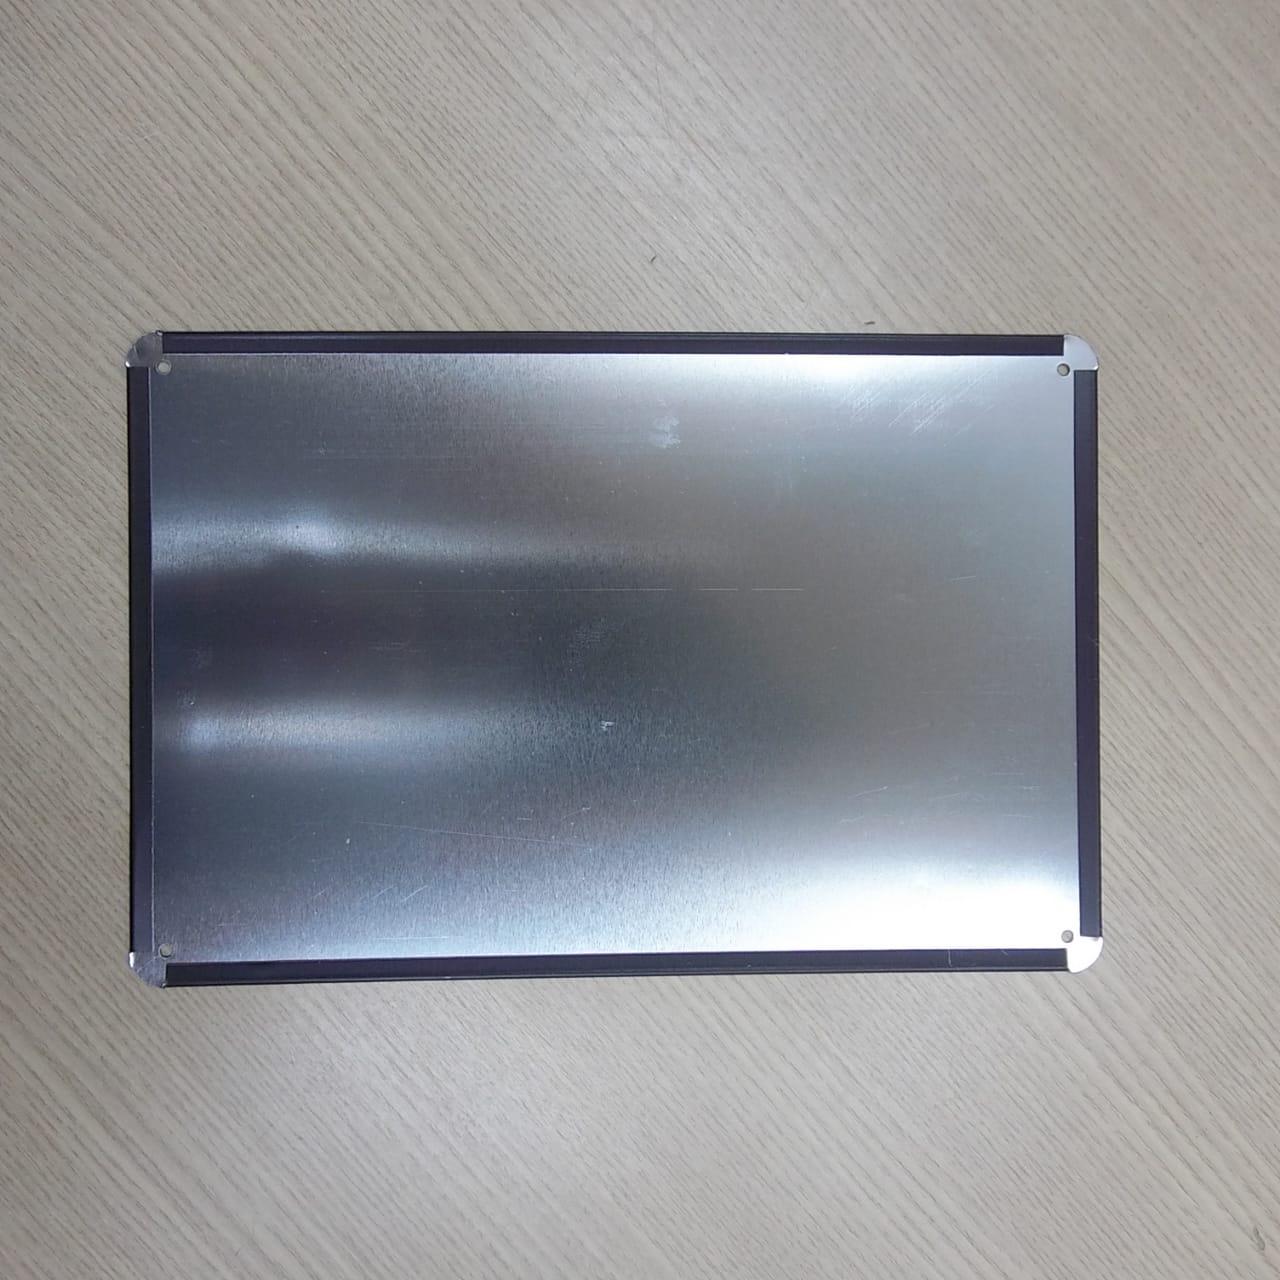 Placa Decorativa Retrô Vintage em Metal - Mod 03 - 022/01601